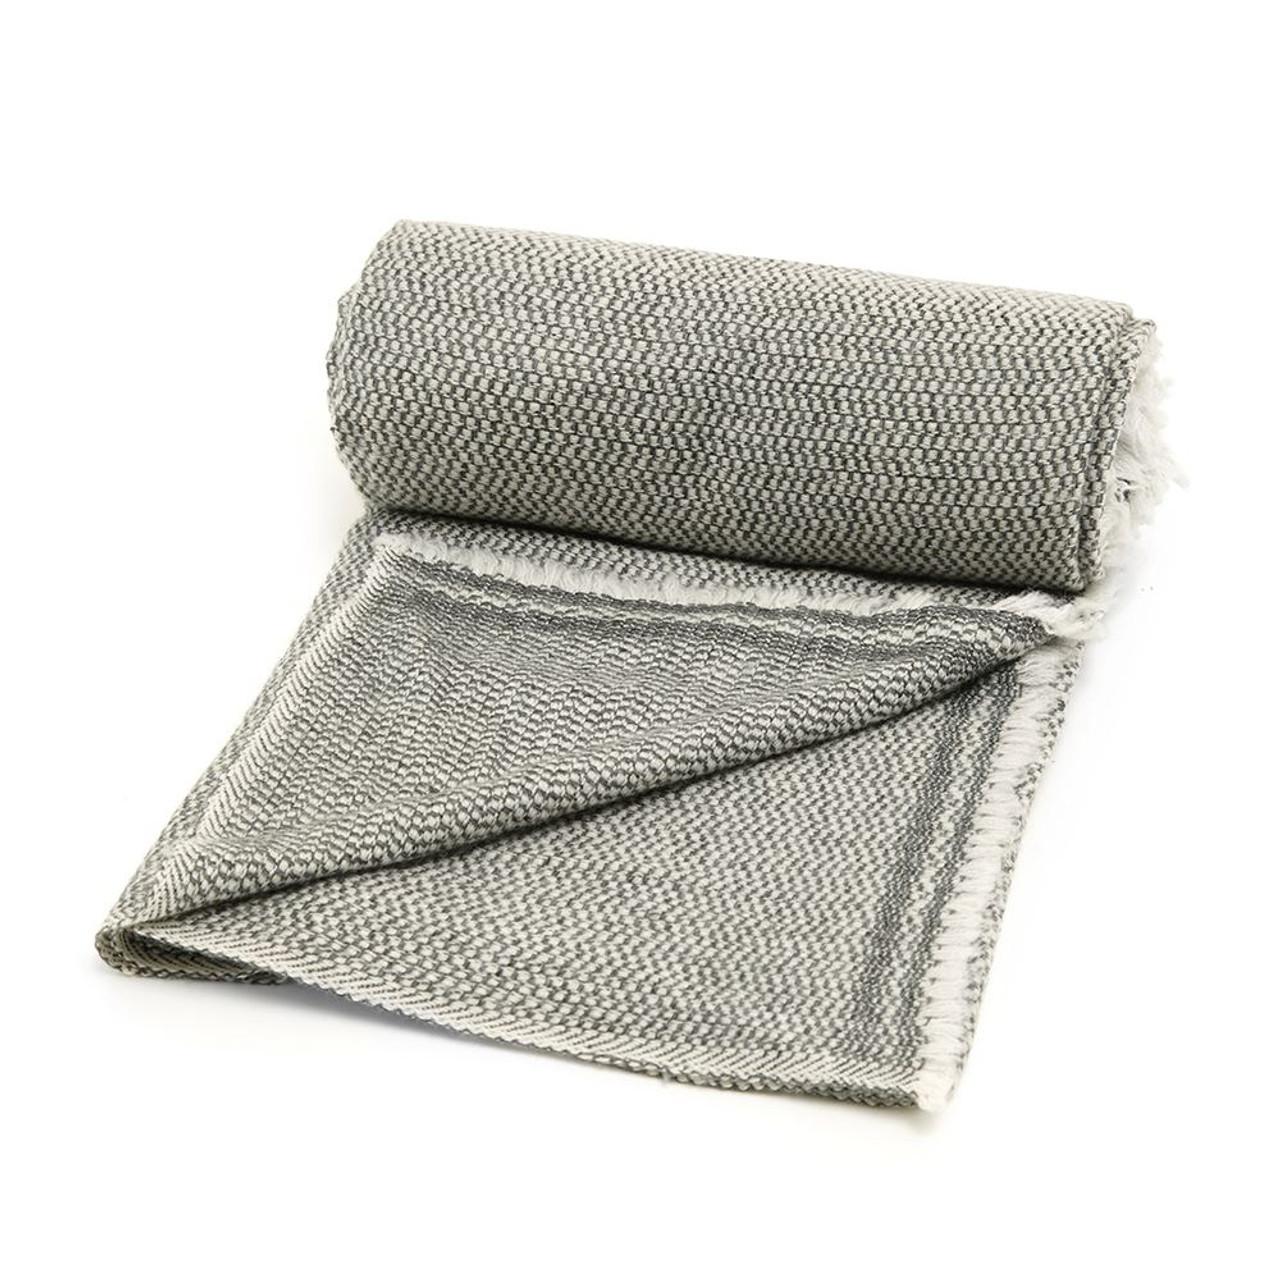 Image of: Cashmere Blanket Black Cashmere